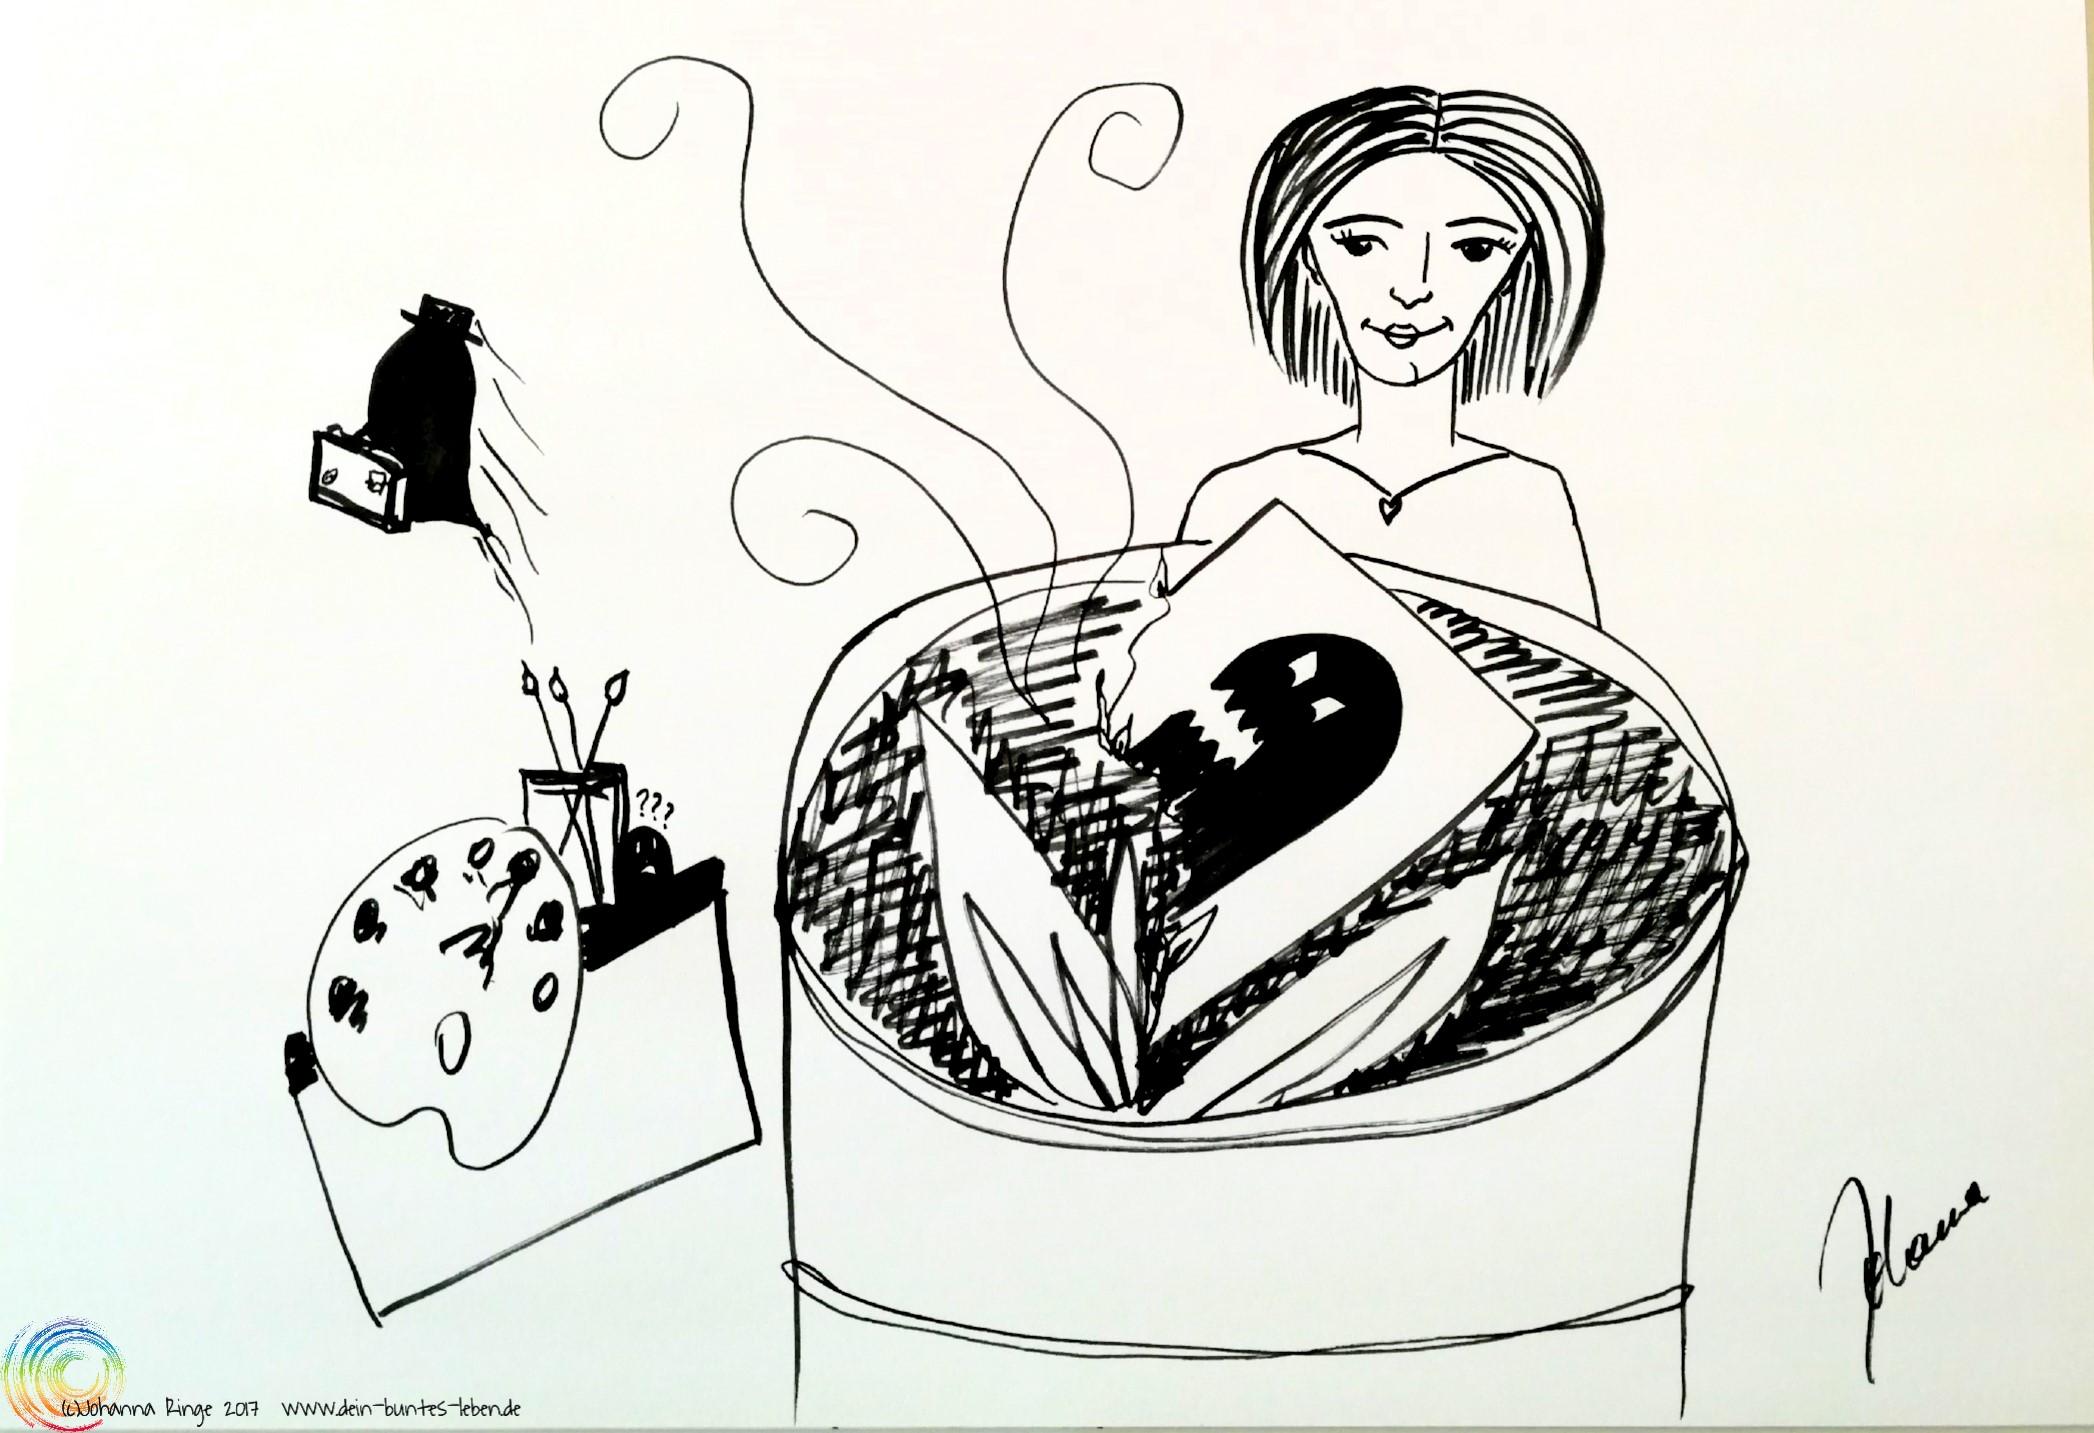 Geisteraustreibende Kreativität: Zeichnung einer Frau, die ein Bild eines Monsters verbrennt, während im Hintergrund das Monster mit Koffer weggeht. (c) 2017 Johanna Ringe www.dein-buntes-leben.de